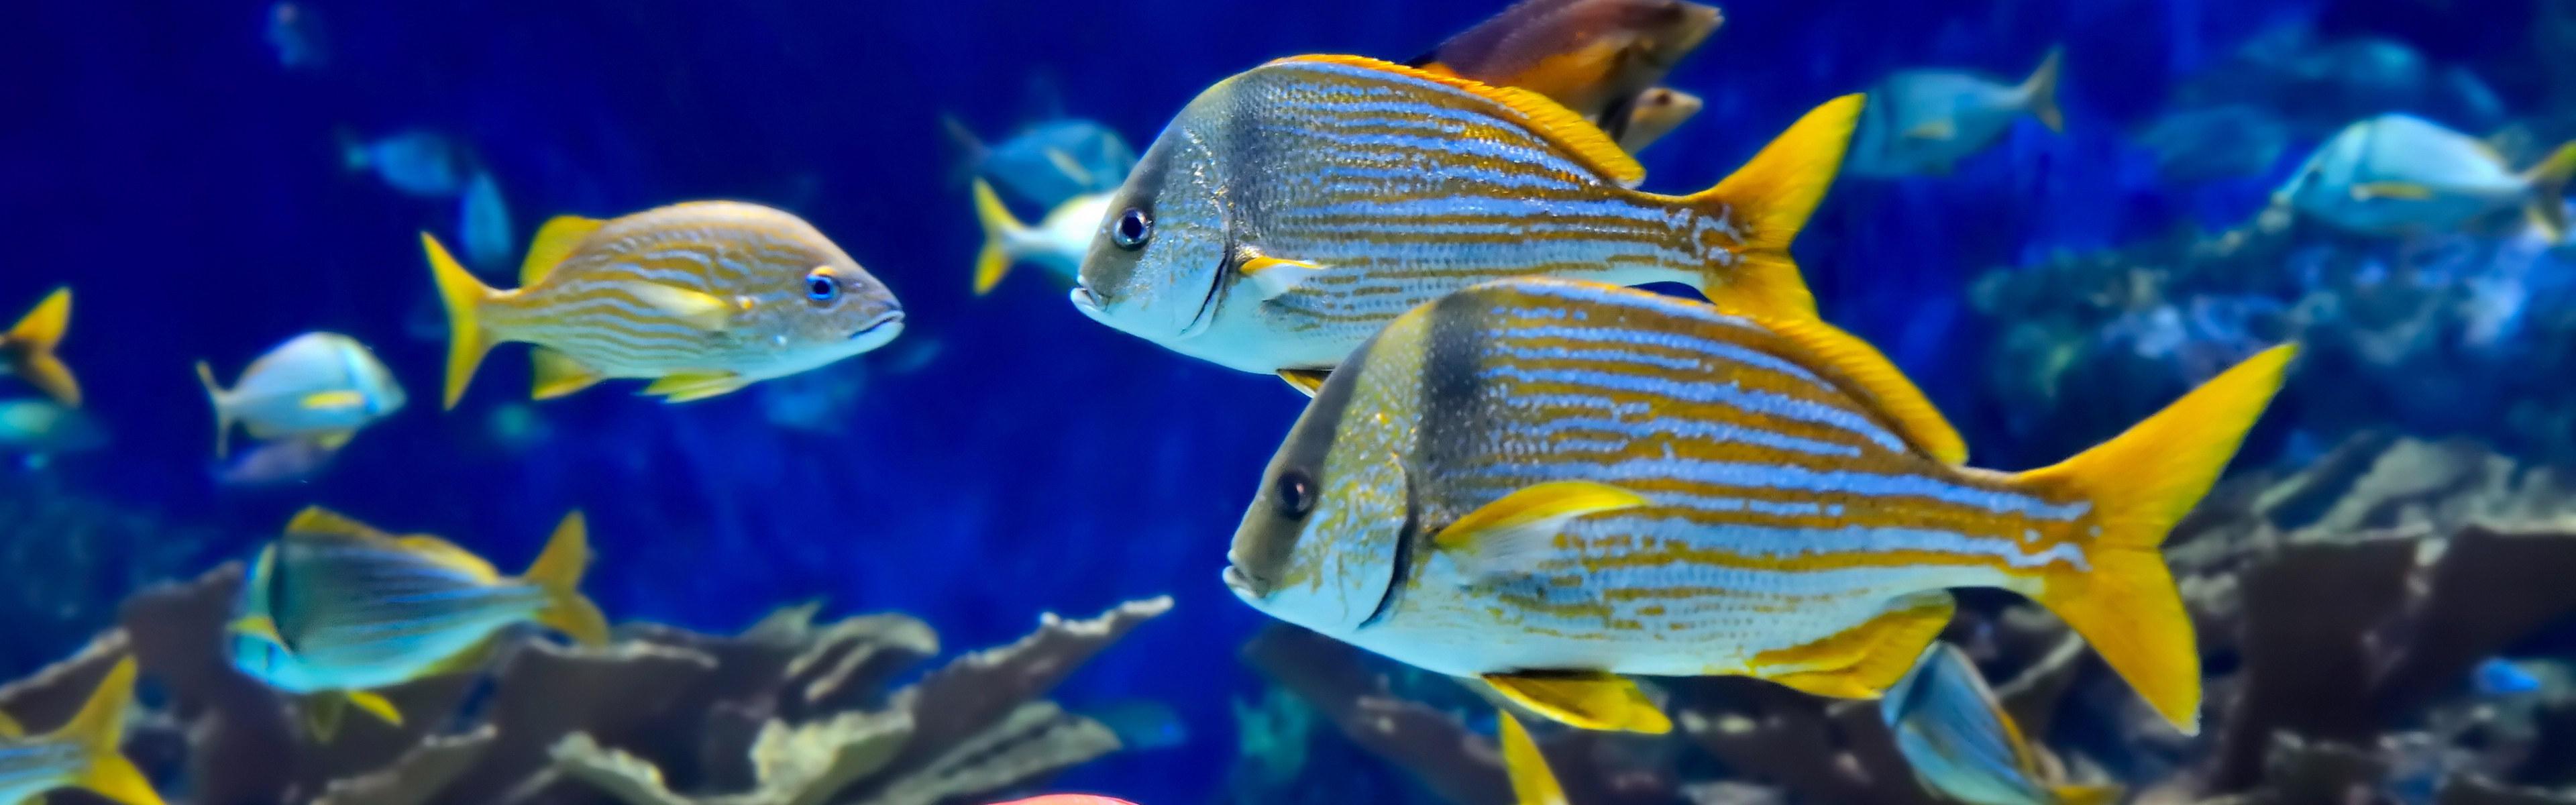 壁纸 动物 海底 海底世界 海洋馆 水族馆 鱼 鱼类 3840_1200